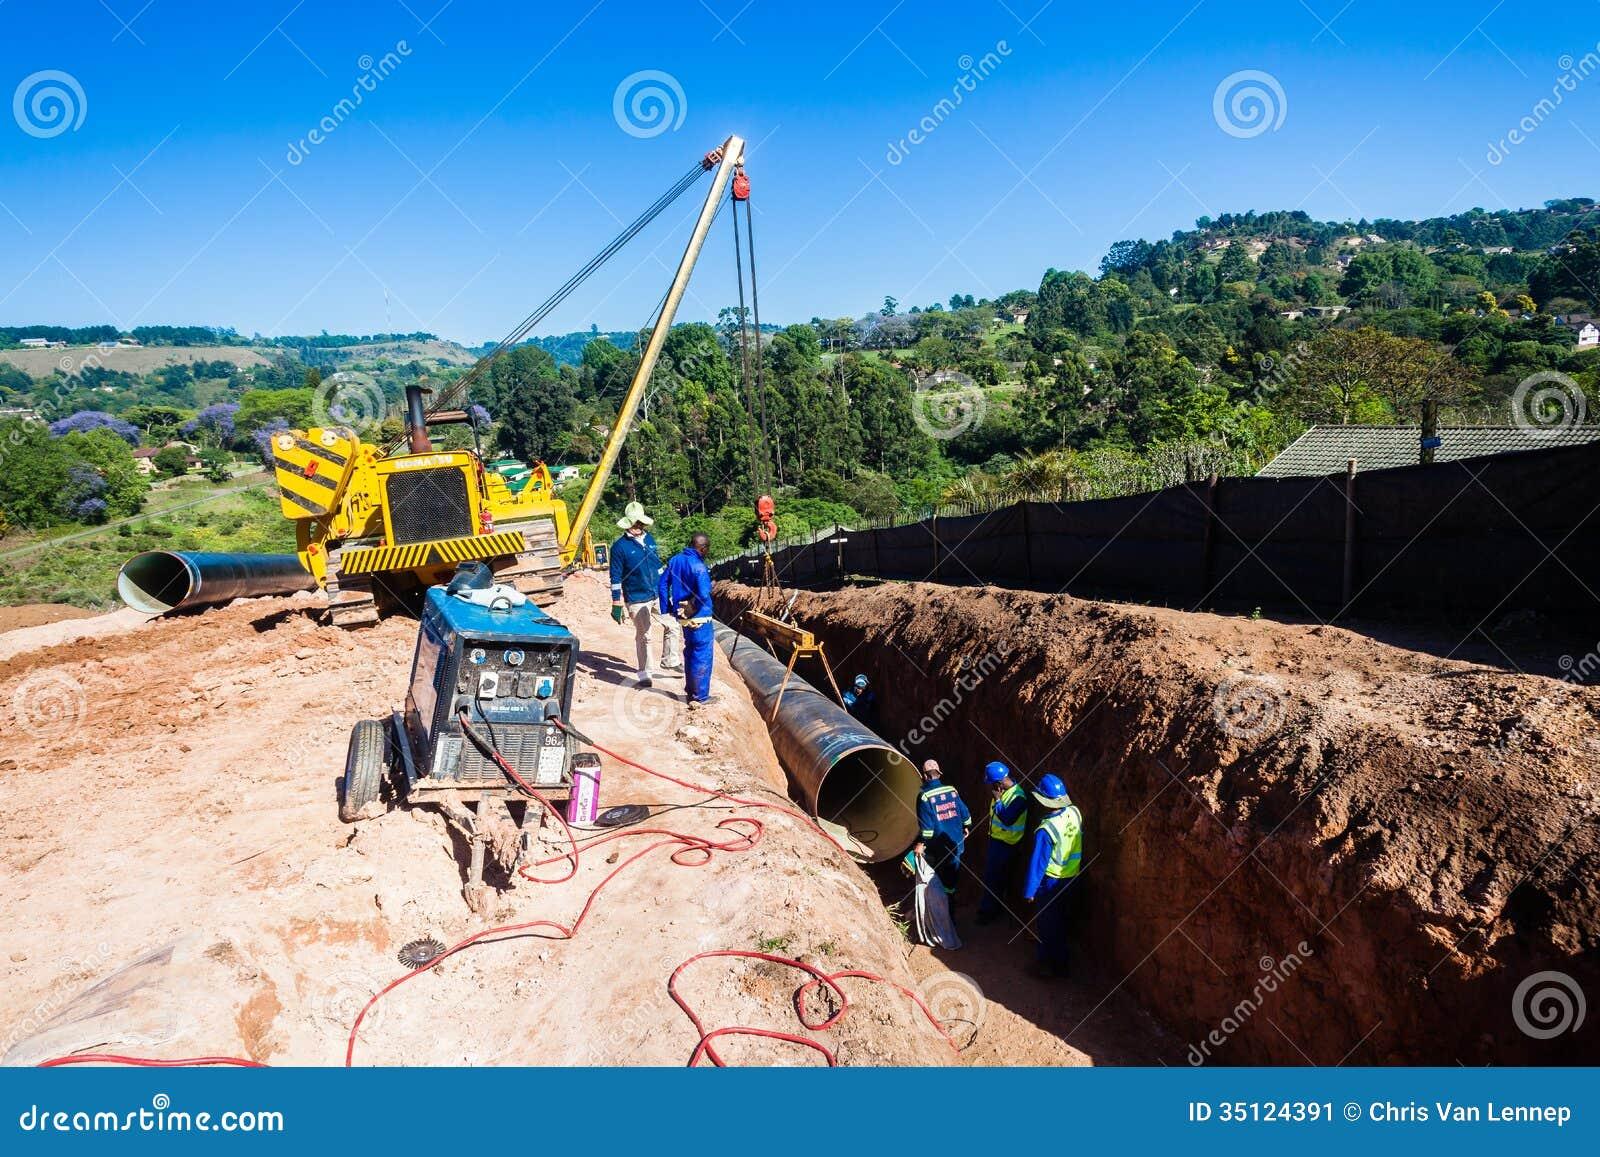 Установка крана трубопровода мост-водовода воды